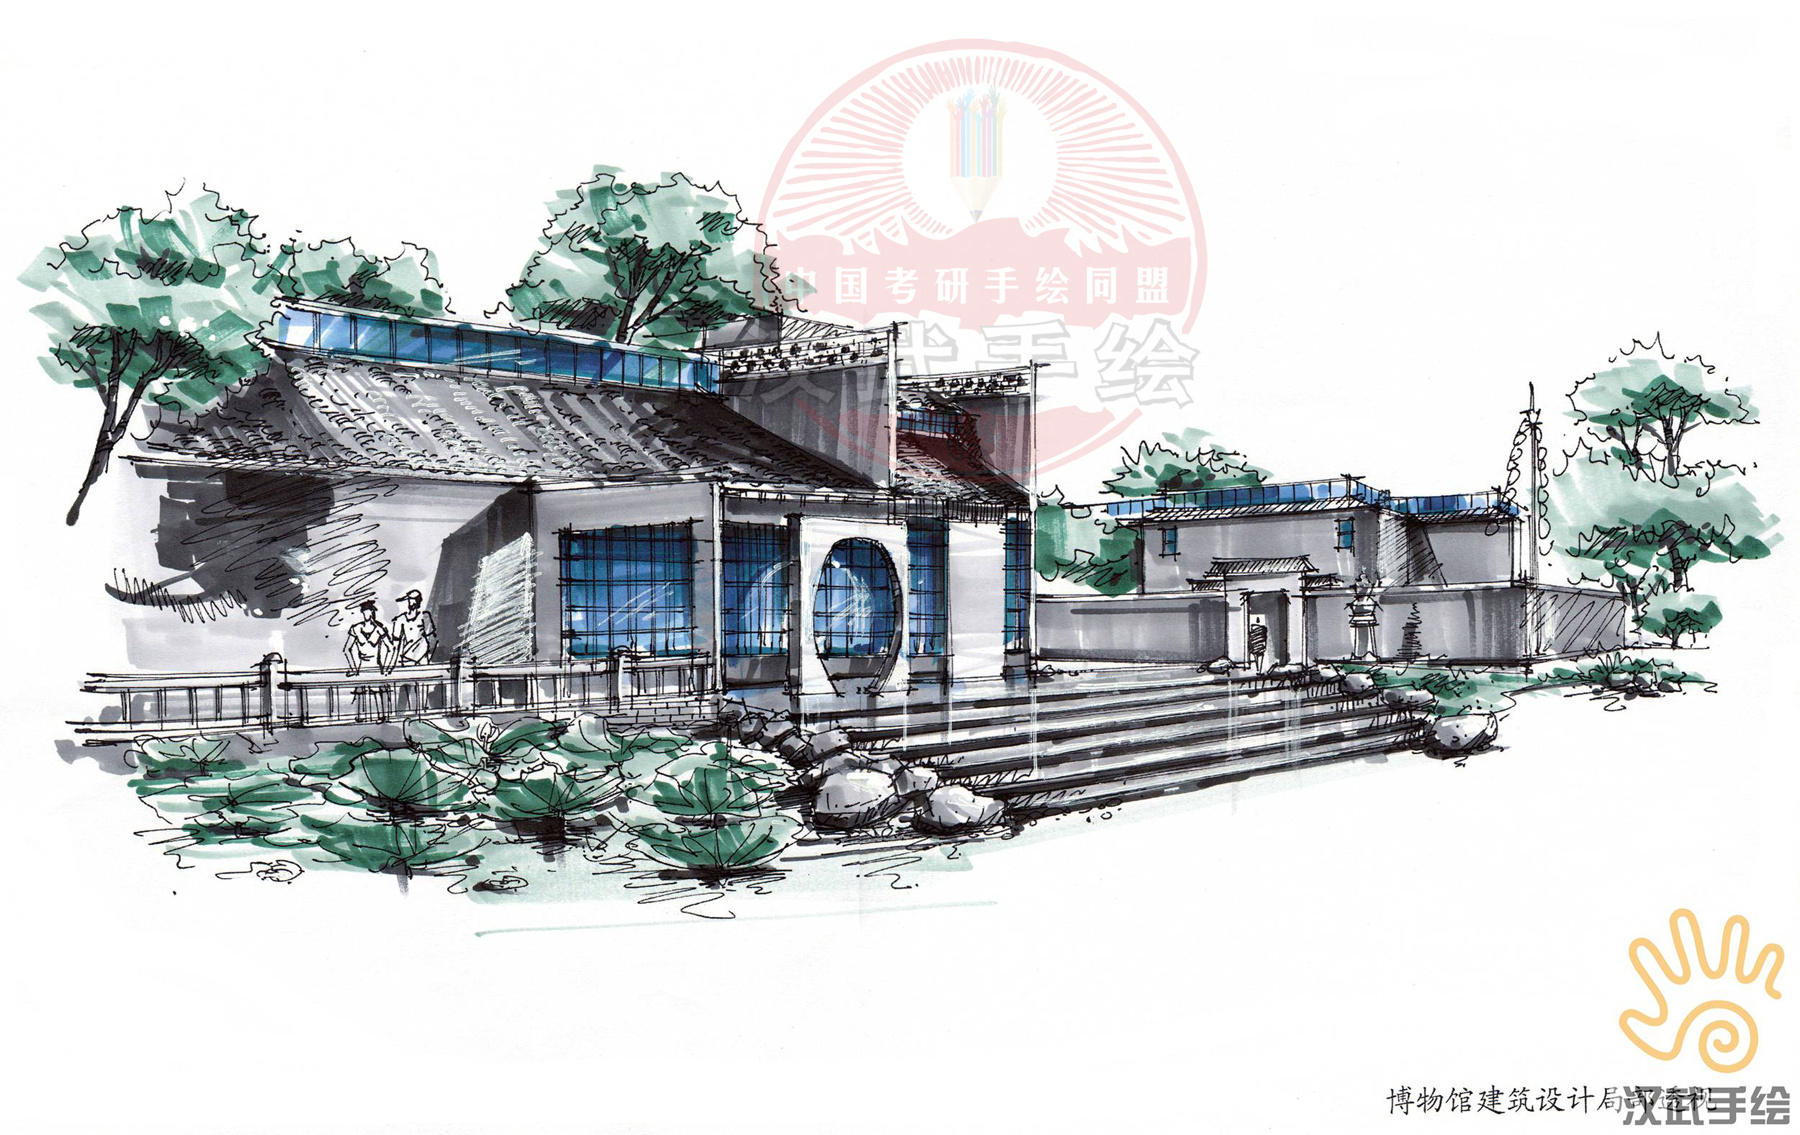 王老师的建筑手绘透视草图